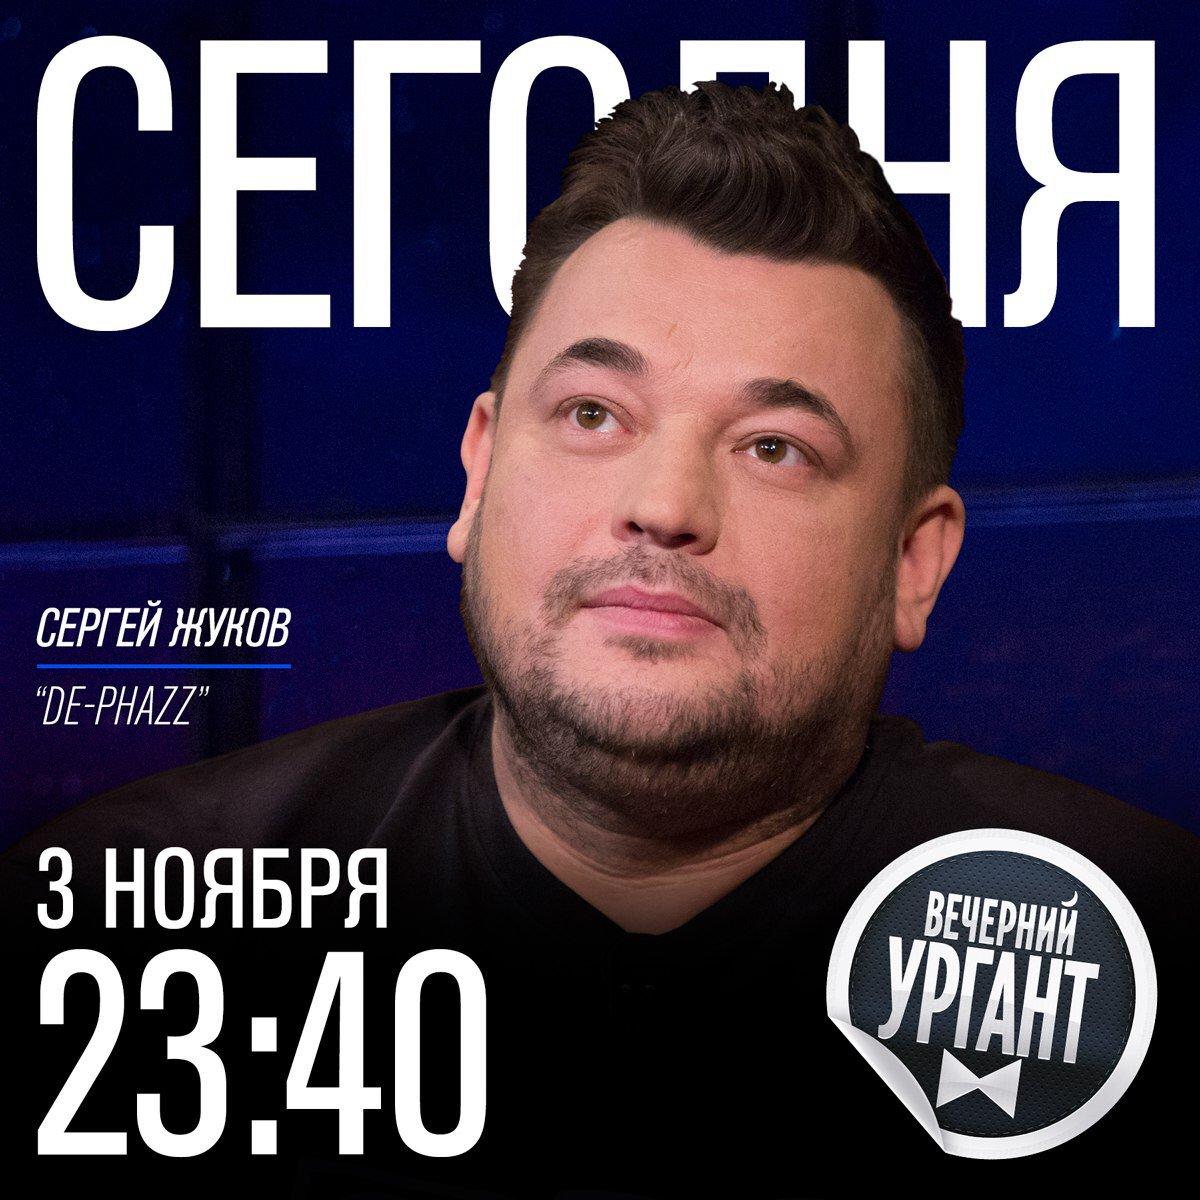 Жуков, сергей евгеньевич — википедия с видео // wiki 2